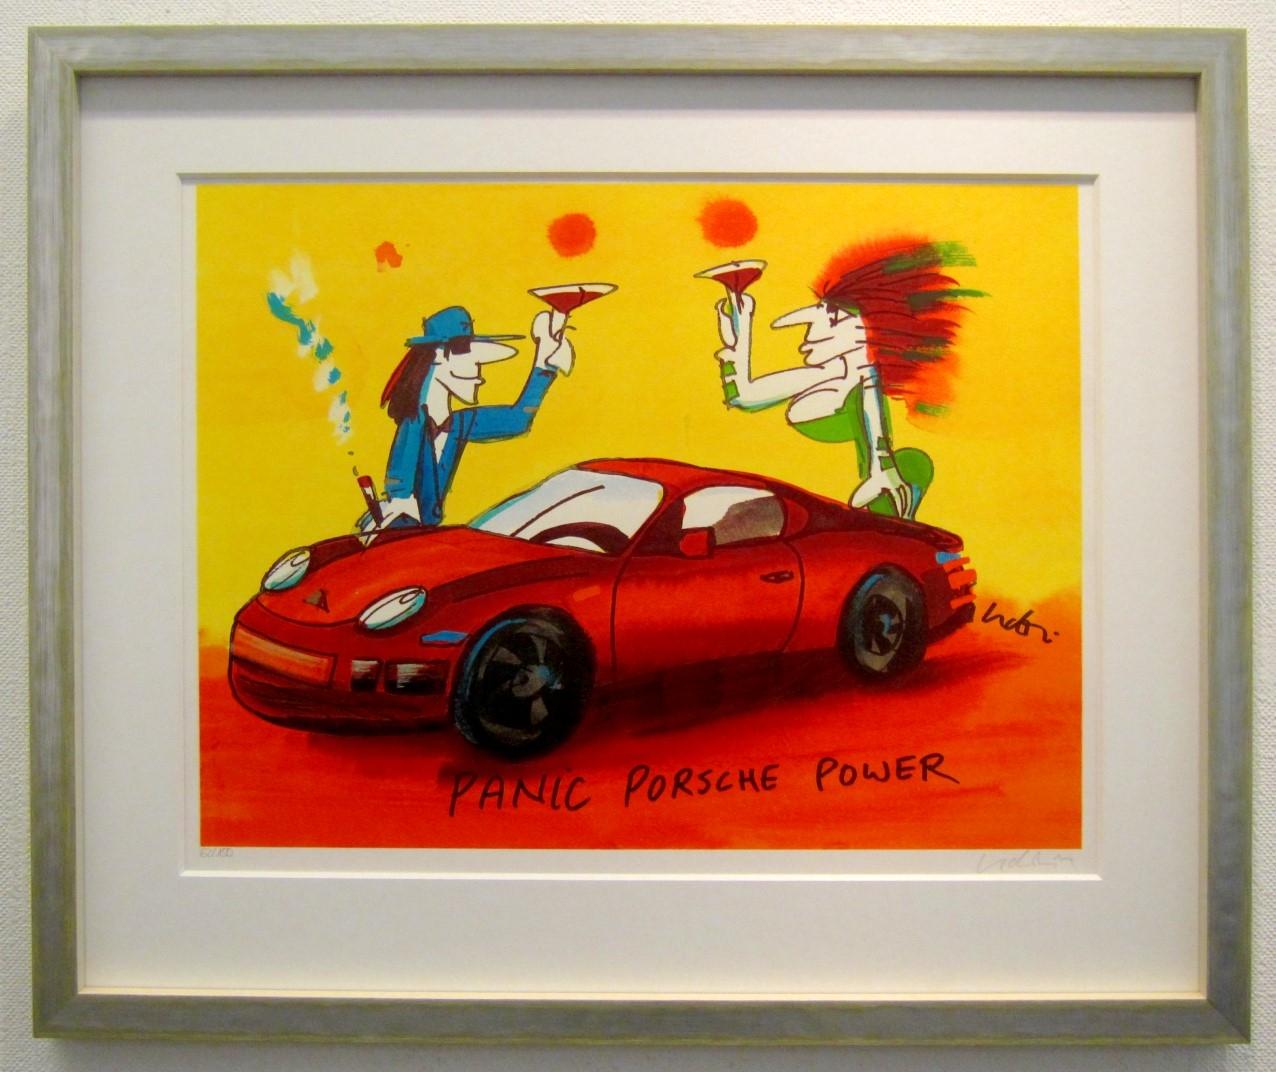 Panic Porsche Power, gerahmt